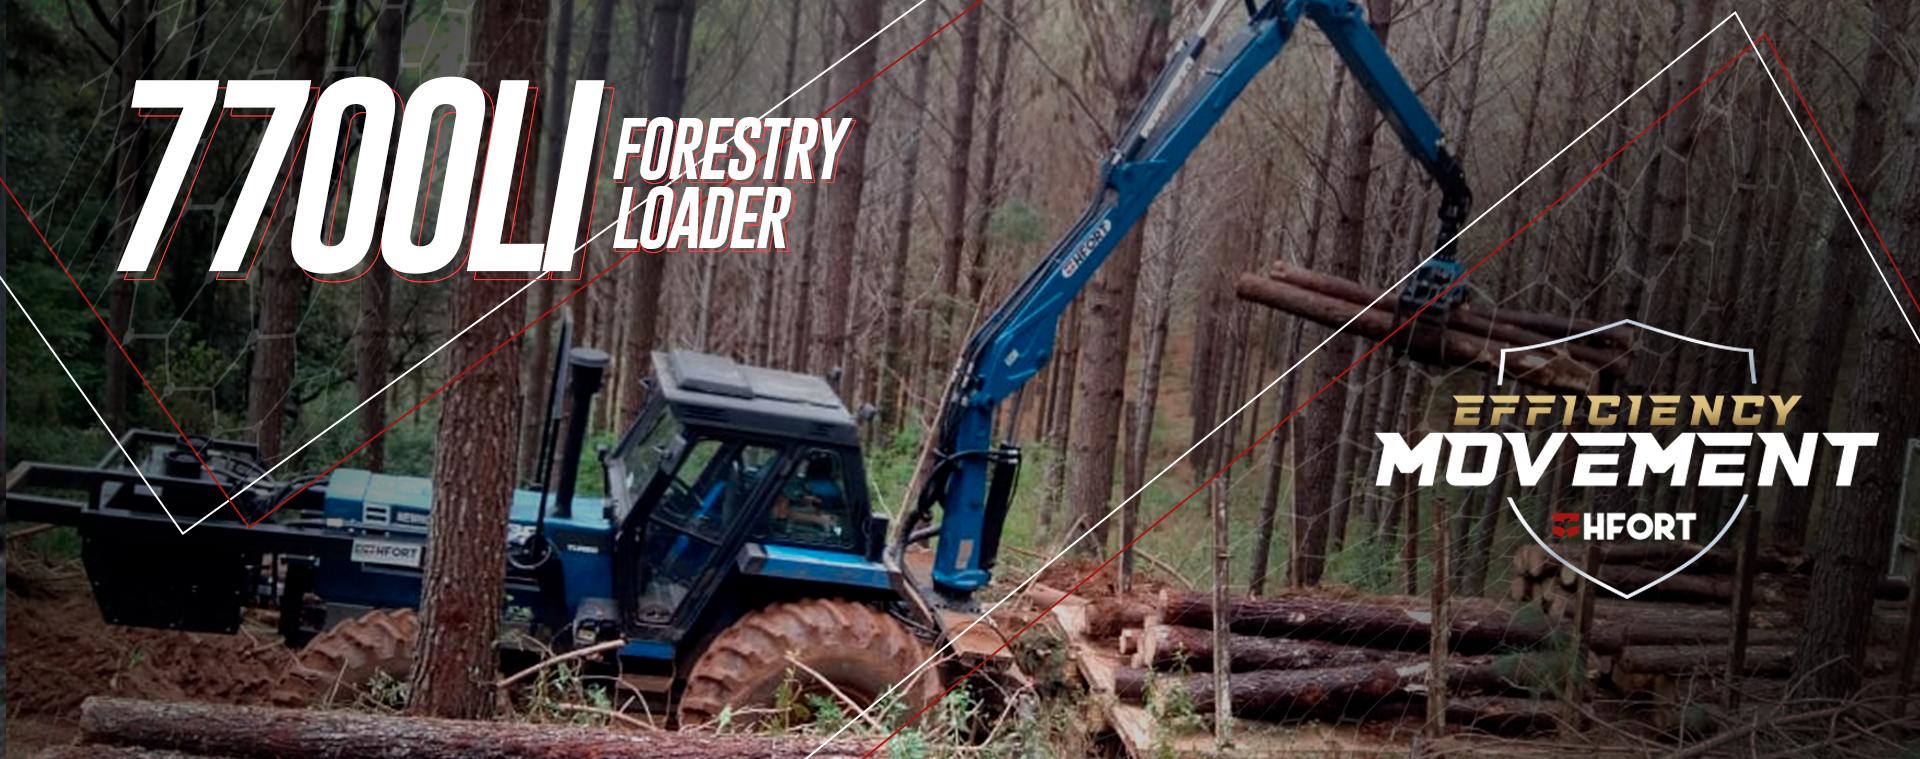 Carregador Florestal CFH 7700LI HFort